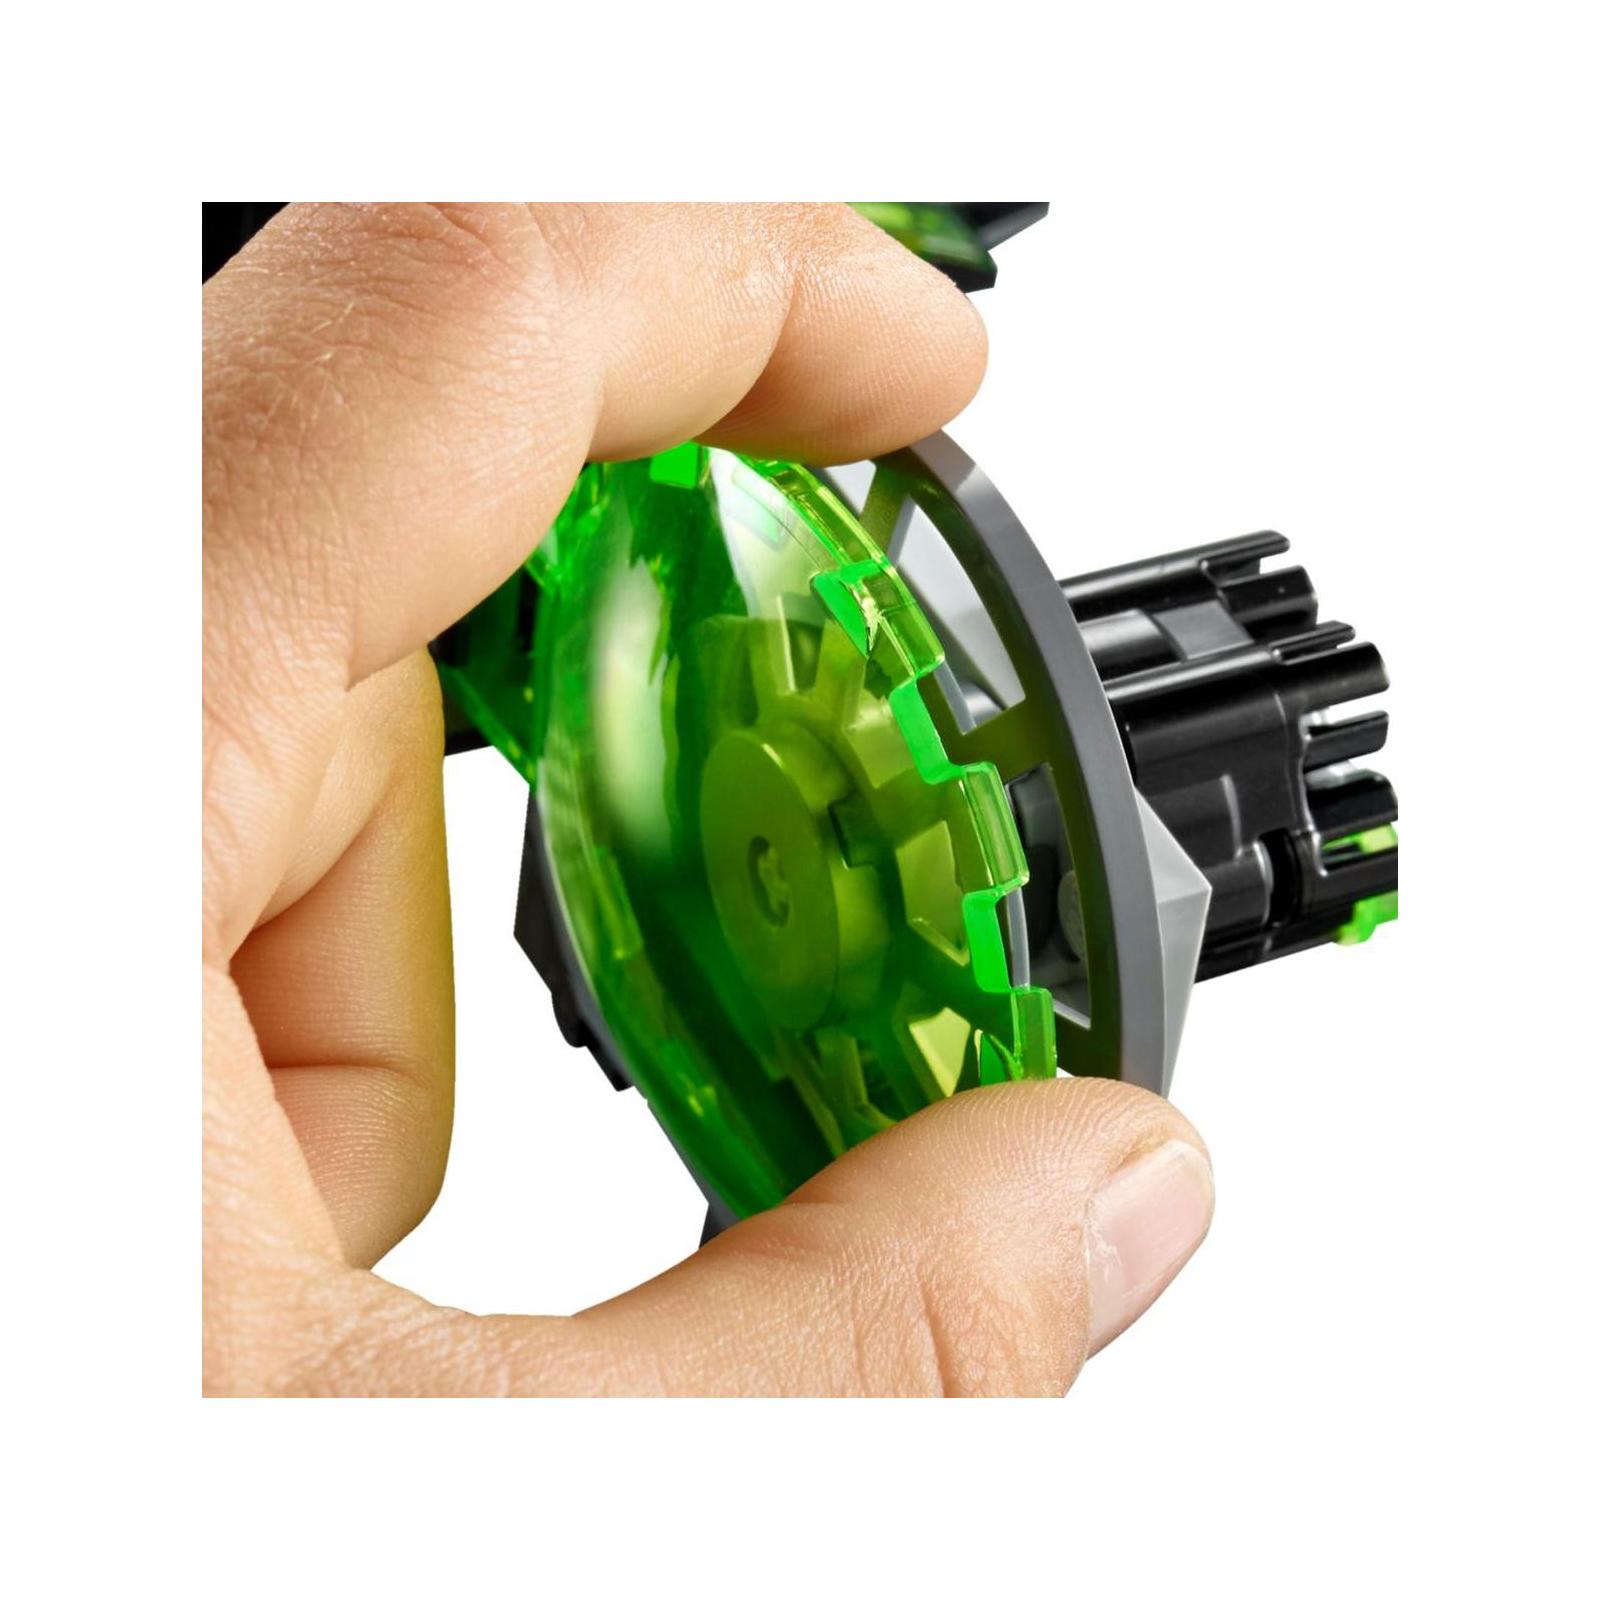 Конструктор LEGO Nexo Knights Бомбардировщик Берсеркер (72003) изображение 8